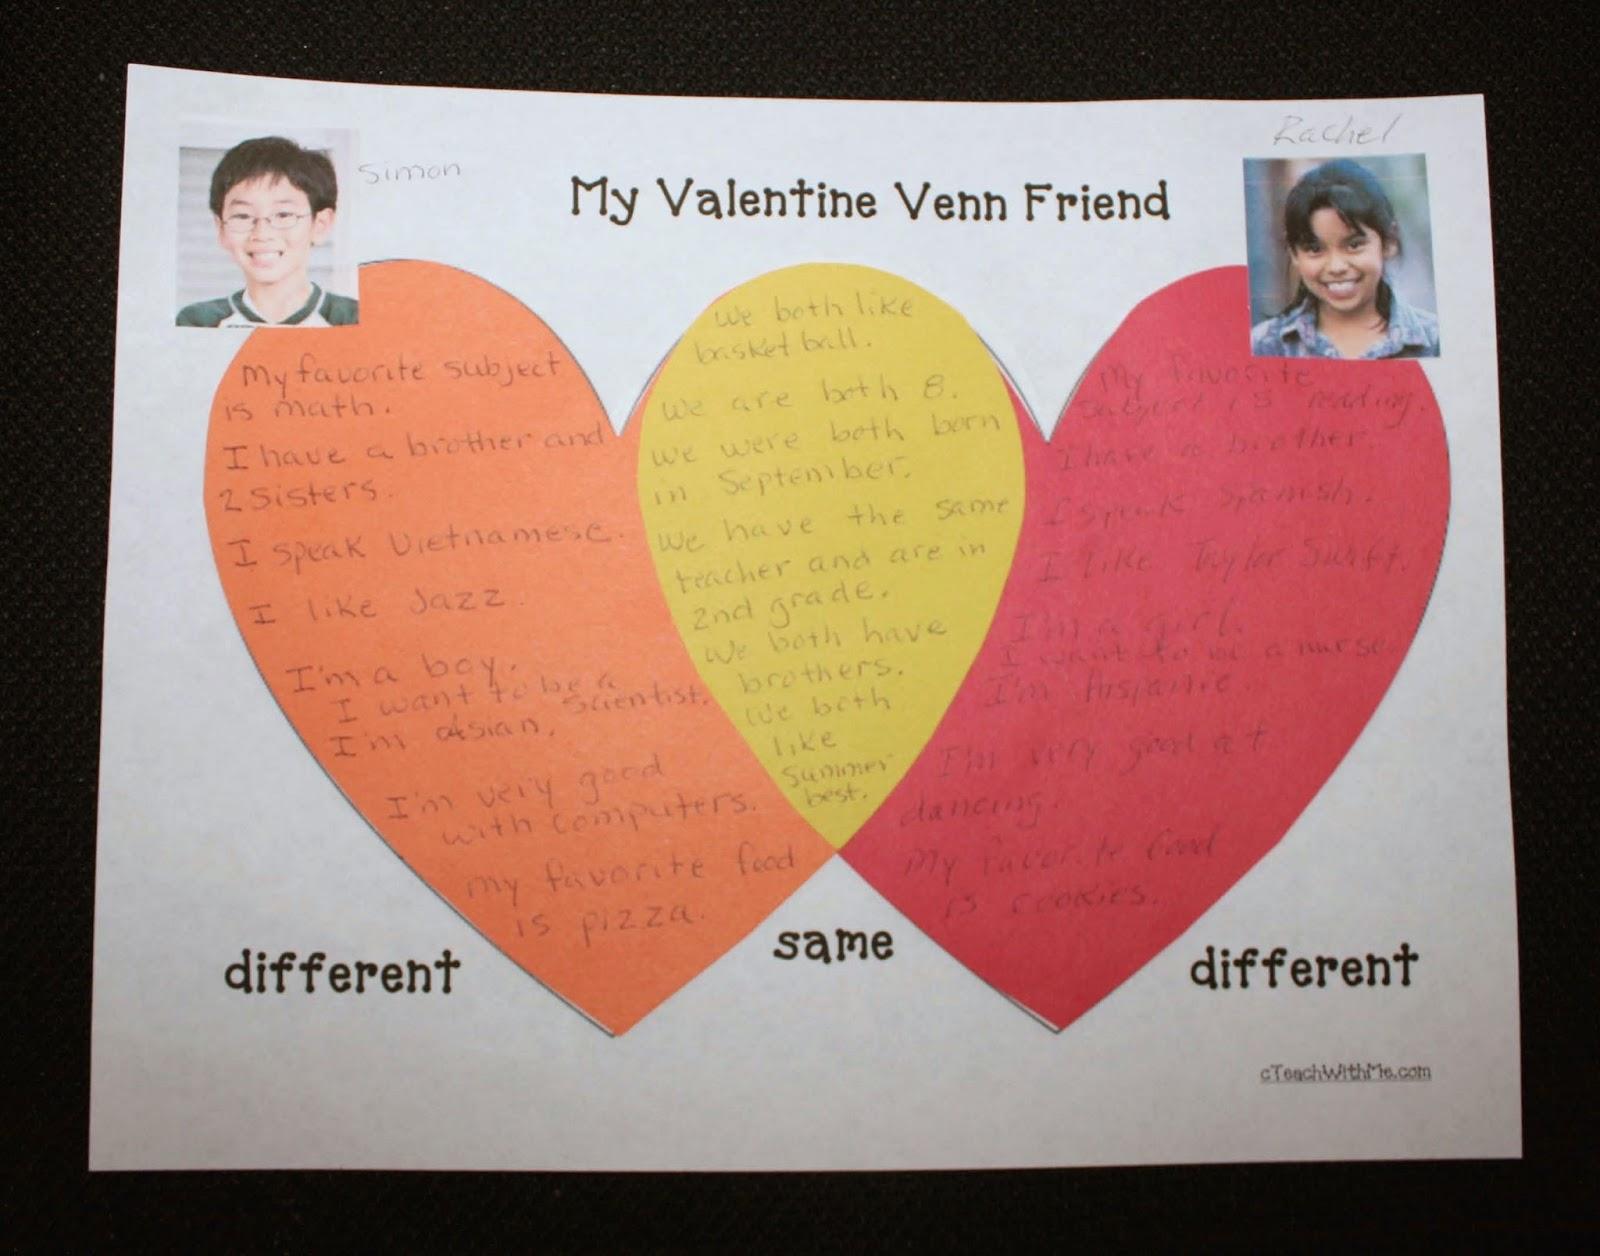 Venn Diagram Bulletin Board Tel Tach Wiring Classroom Freebies Valentine Friends